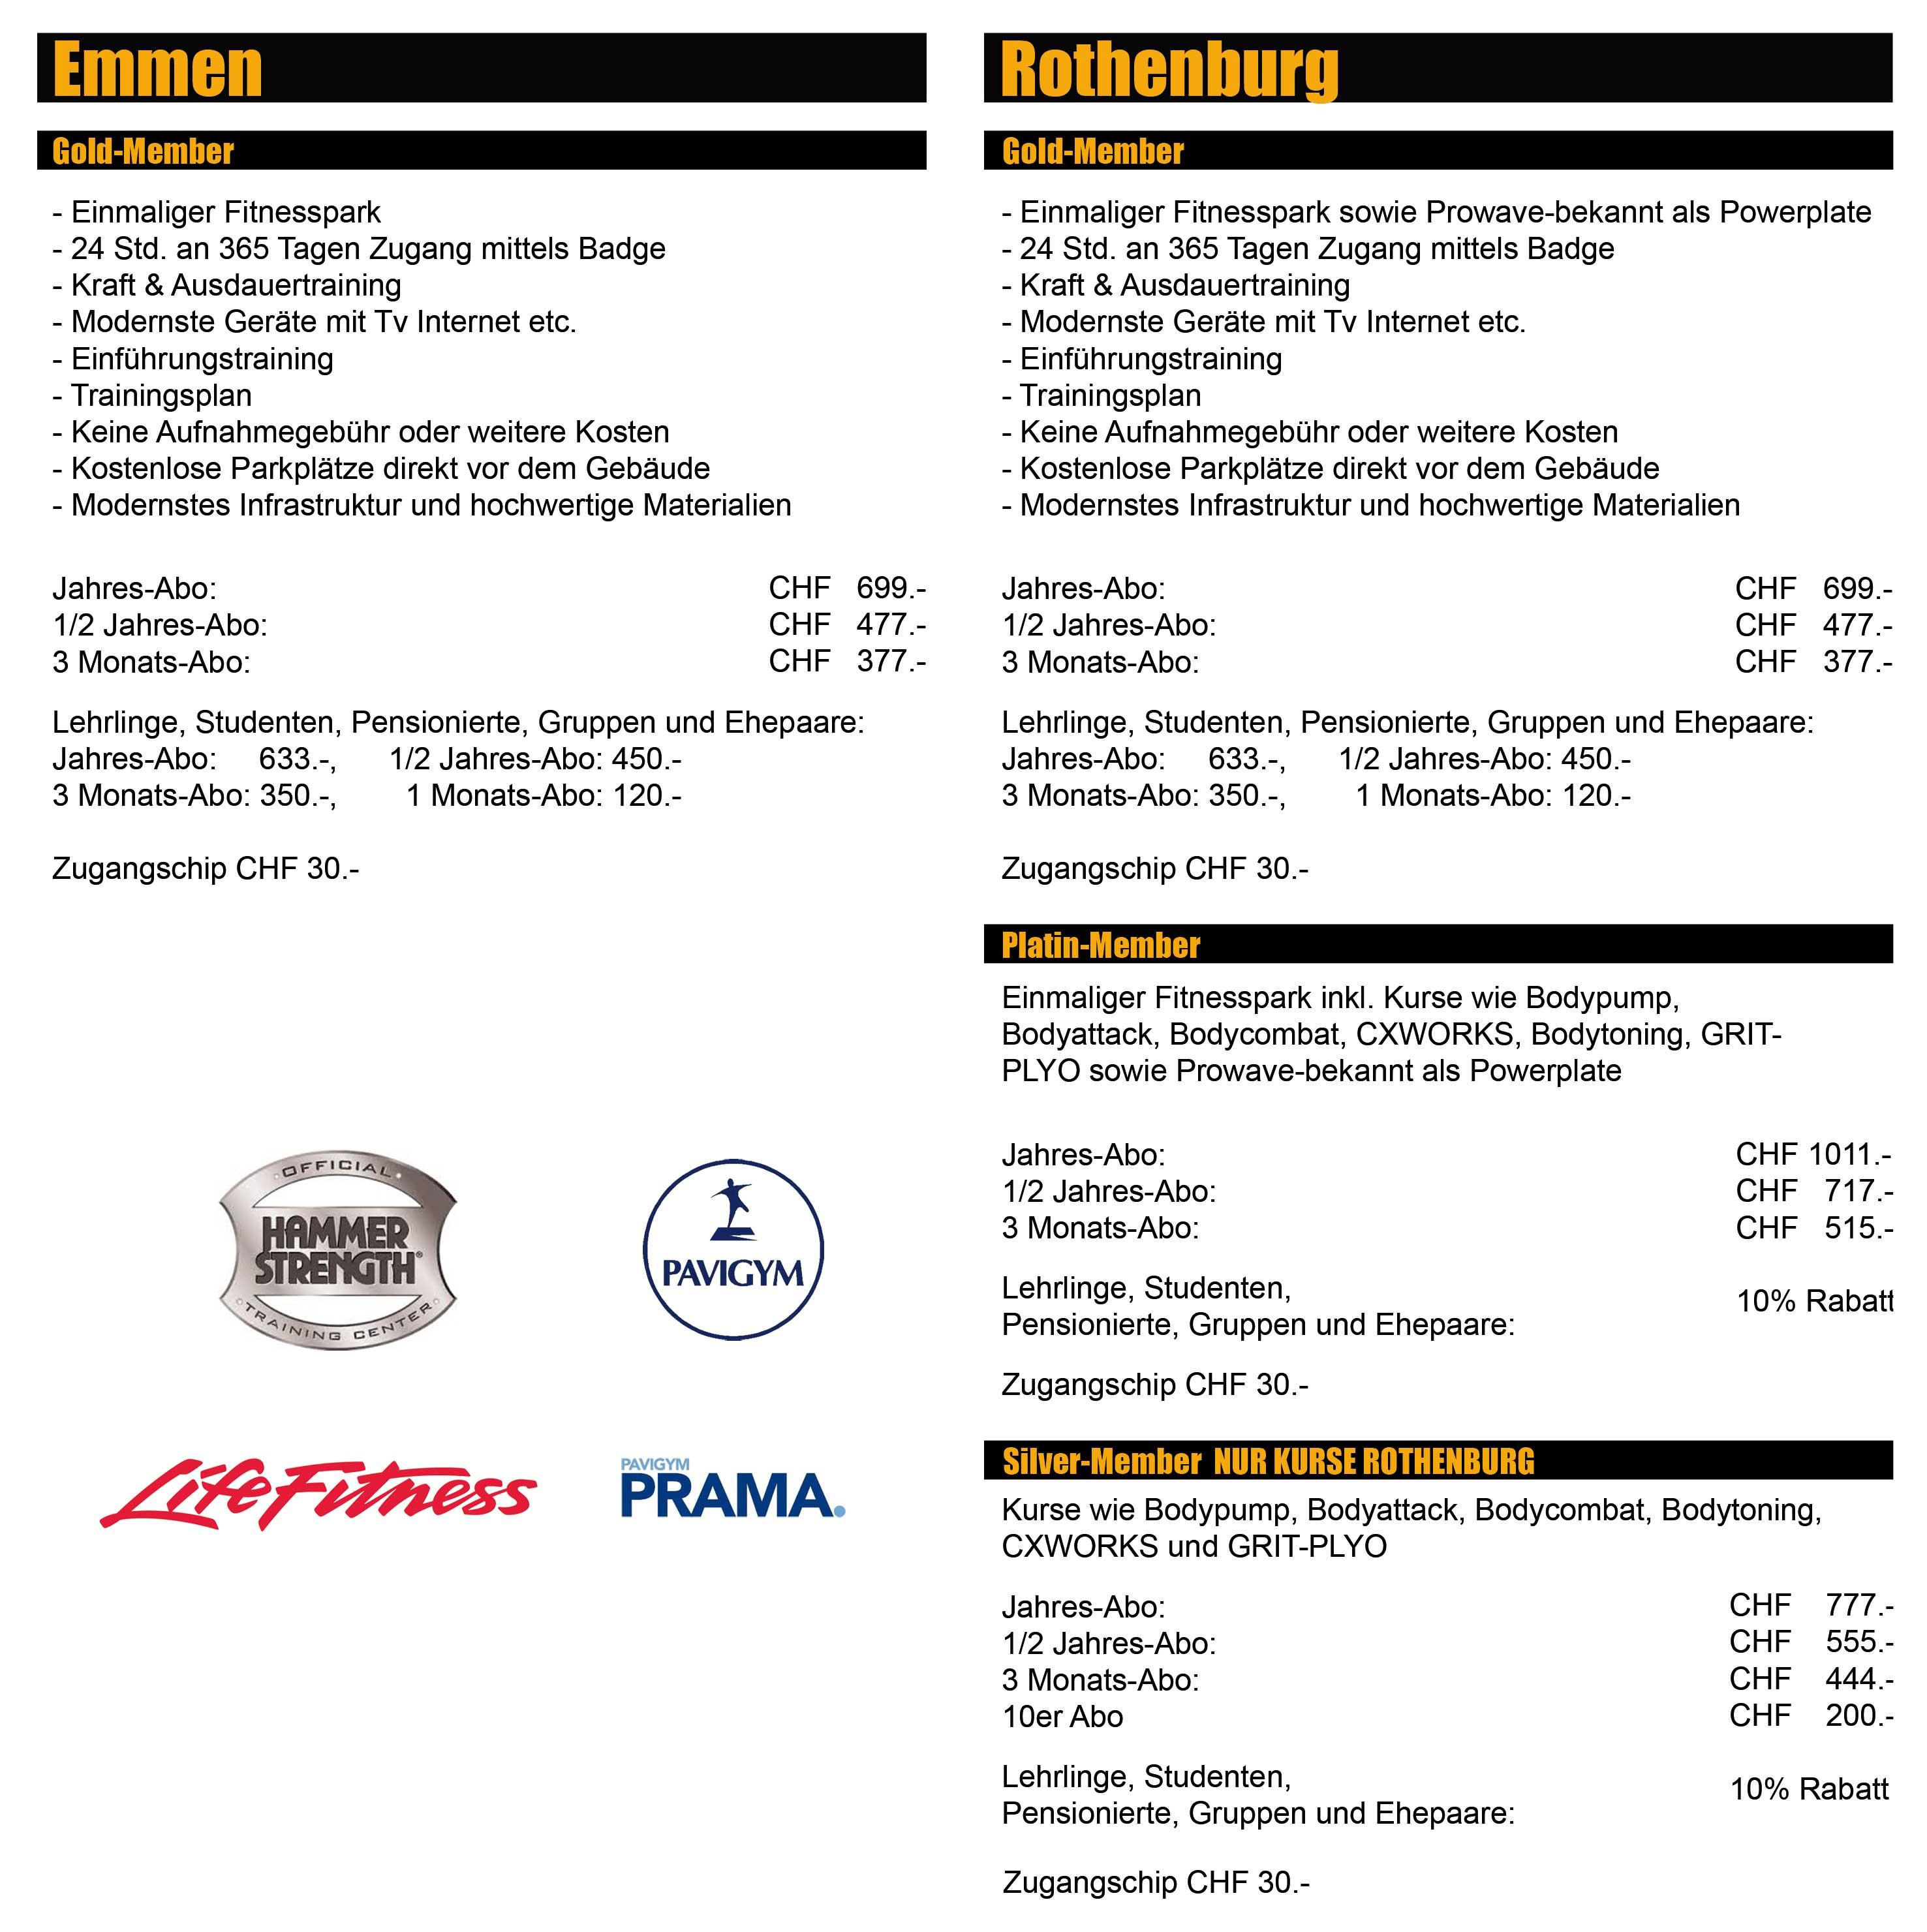 Preise_Emmen-und-Rothenburg_Homepage